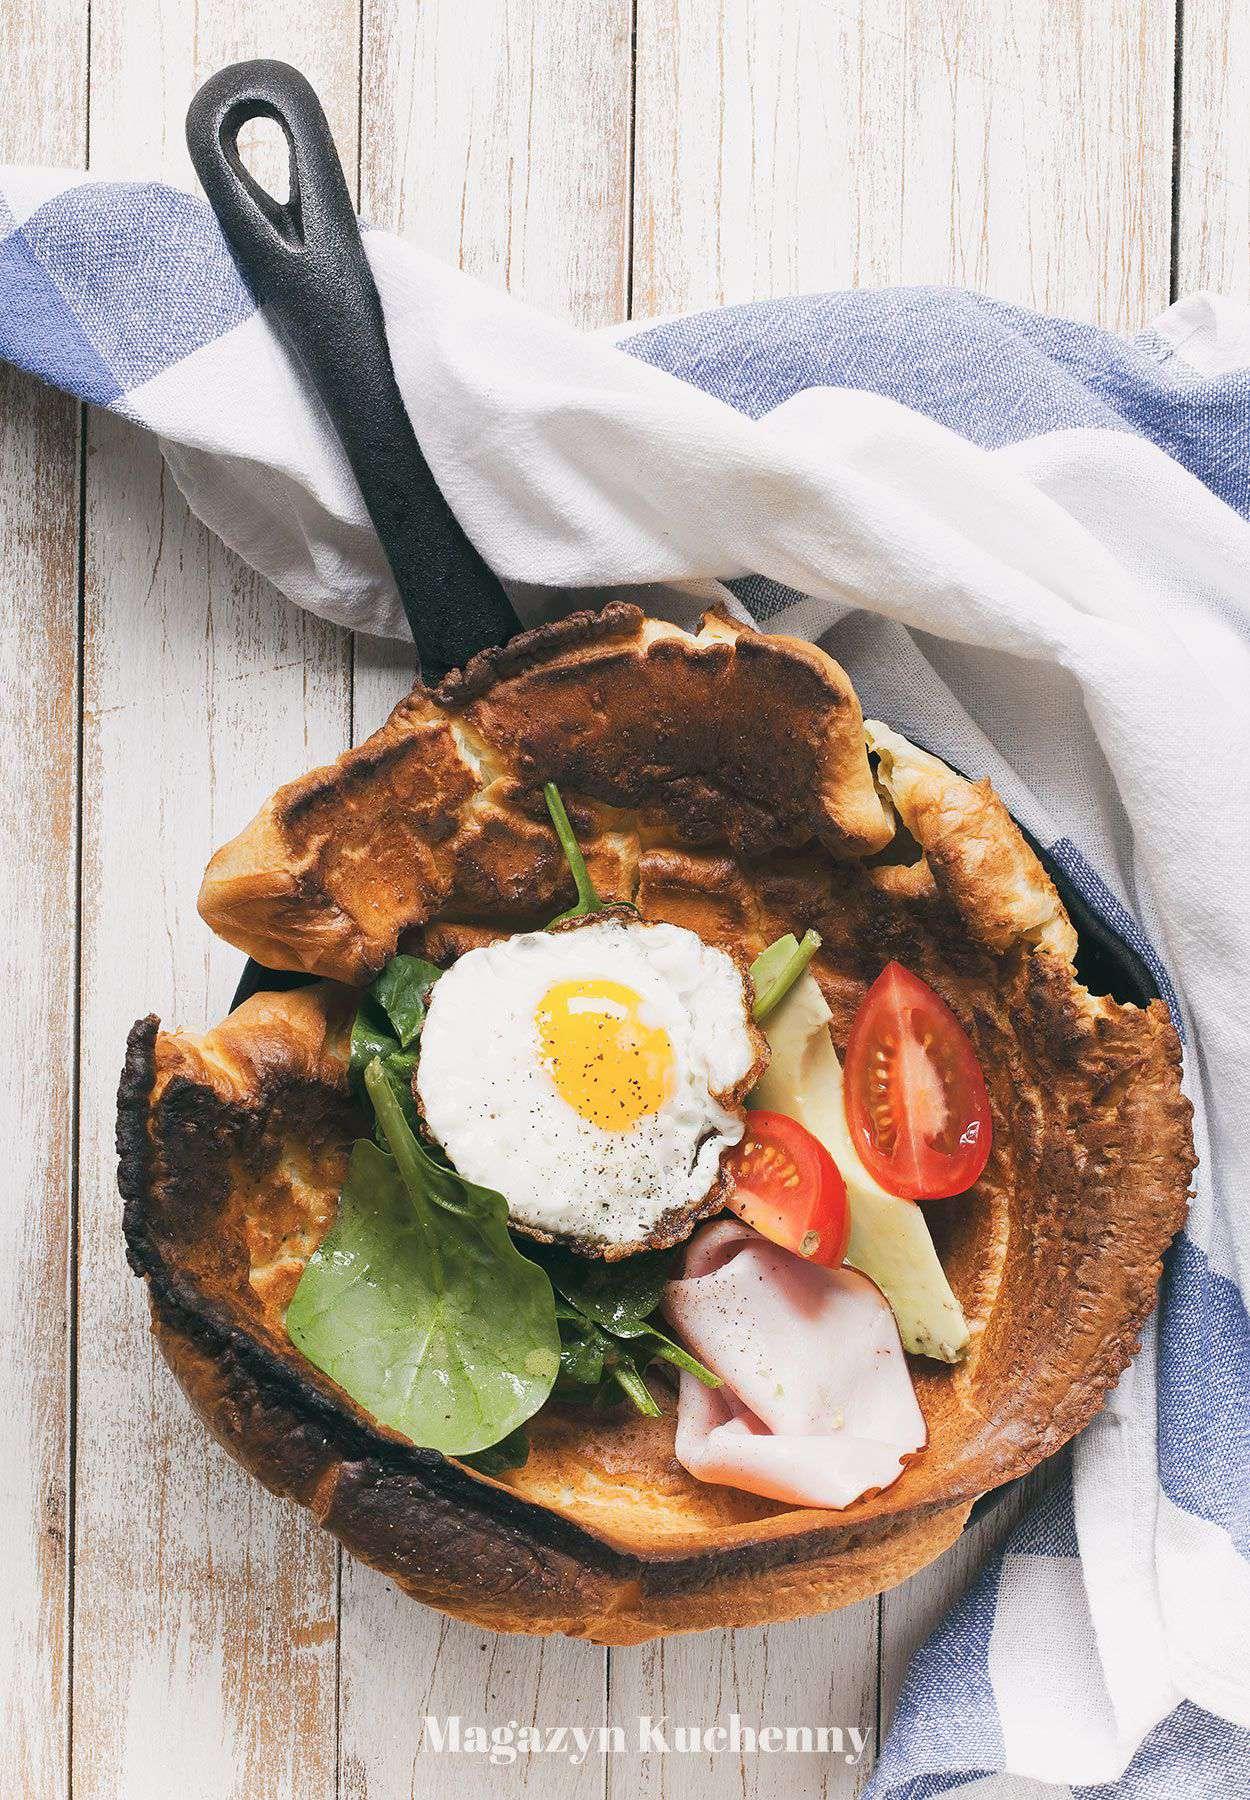 Pieczony naleśnik z jajkiem i awokado